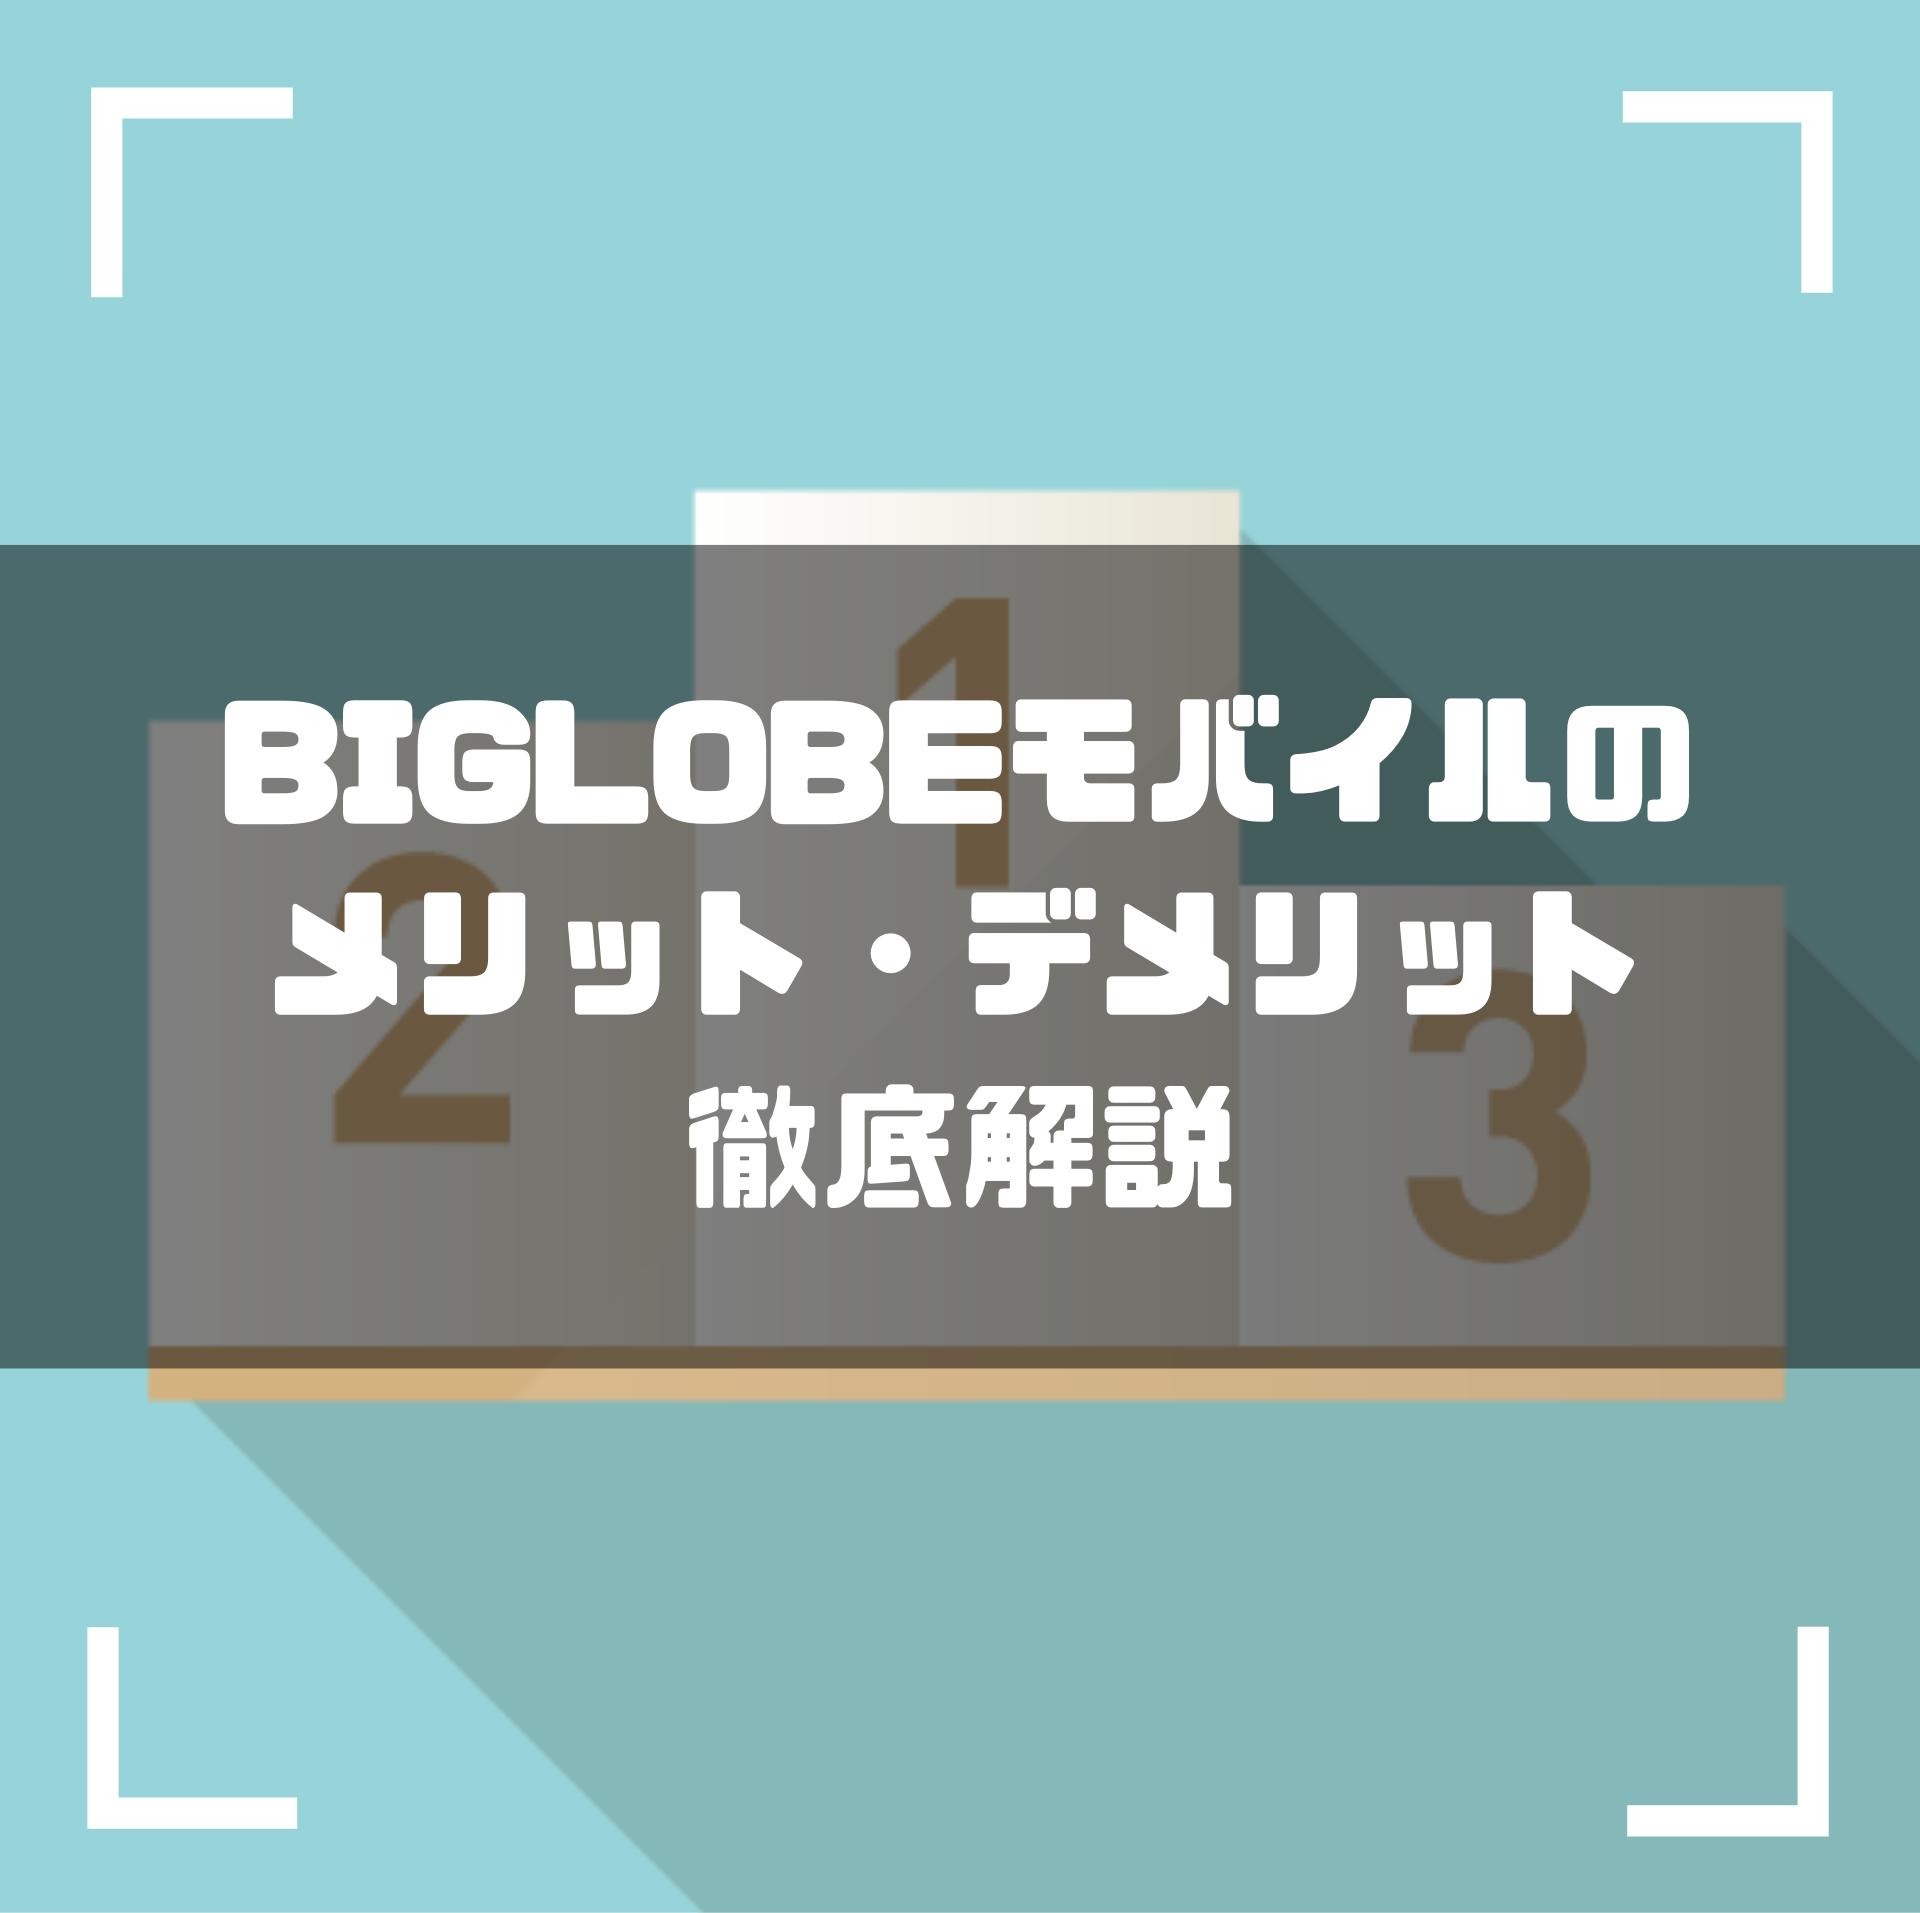 BIGLOBEモバイルは最悪?実際に利用した50人のリアルな評価・メリット・デメリットを大公開